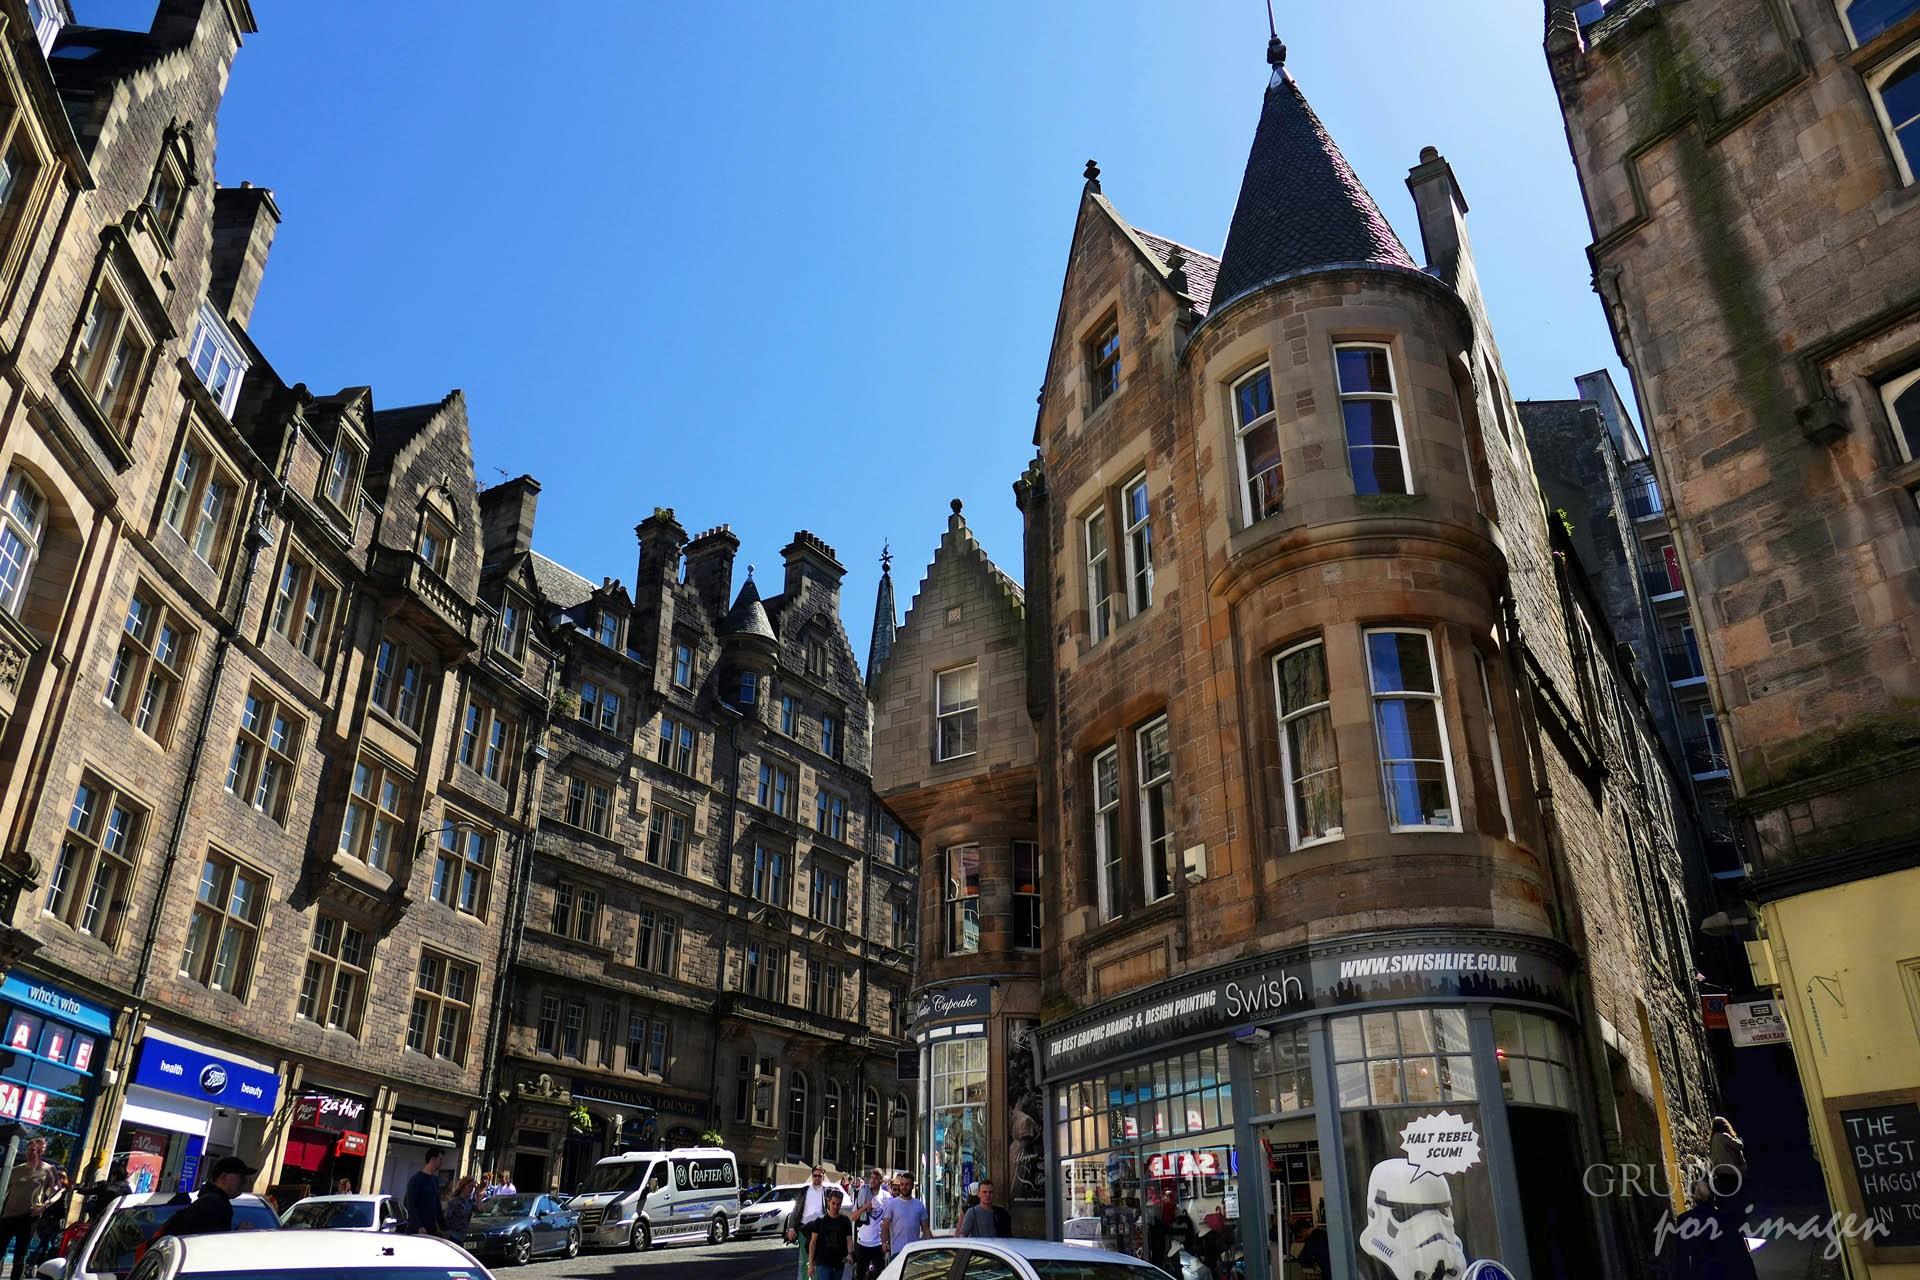 255 b Edimburgo (87) TAB / Efraín David